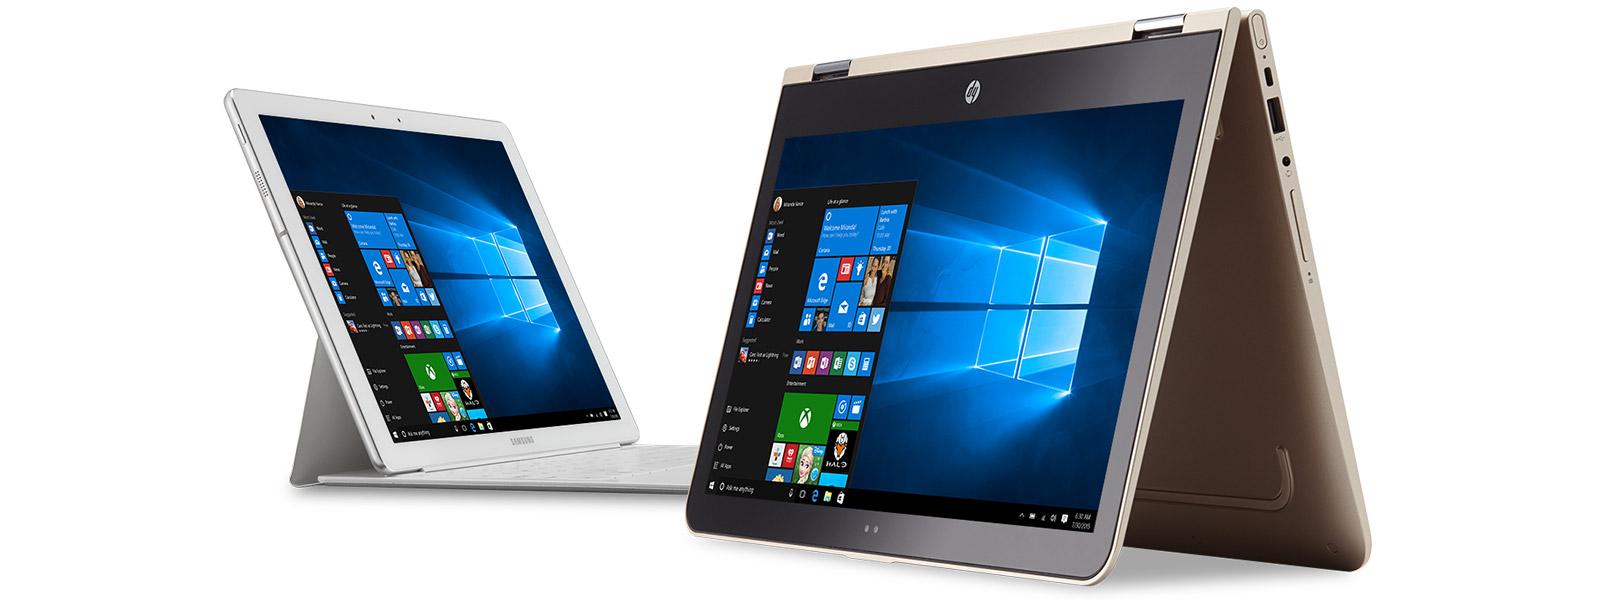 """Microsoft uređaji sa menijem """"Start"""" u operativnom sistemu Windows"""